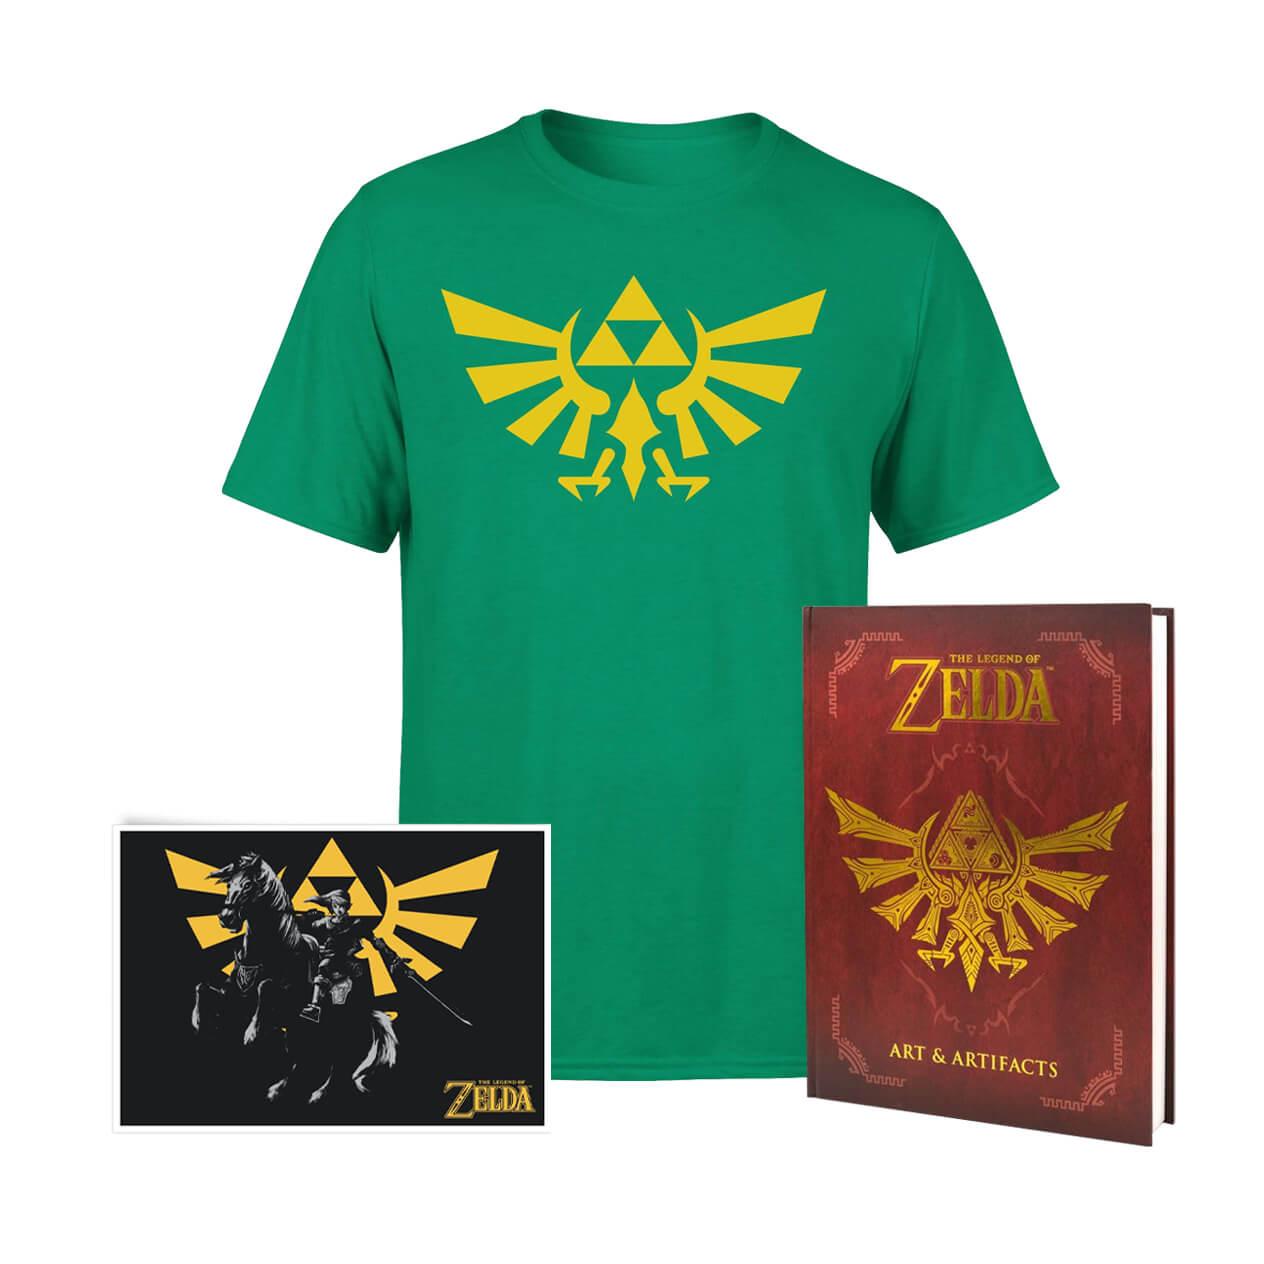 The Legend Of Zelda Crest Of Hyrule Bundle